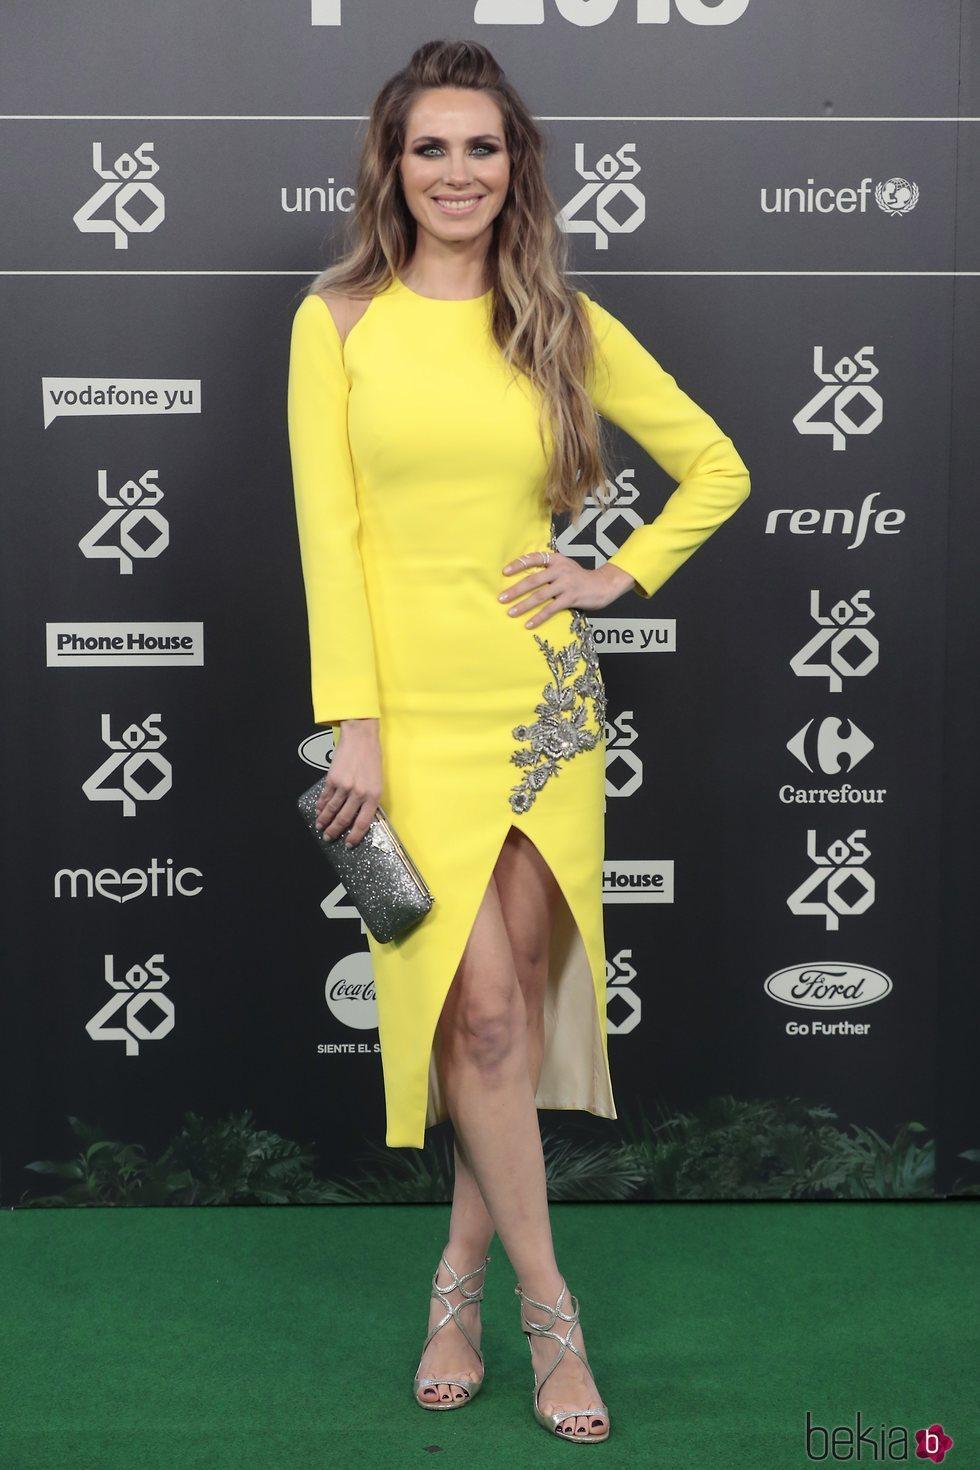 Vanesa Romero en Los 40 Music Awards 2018